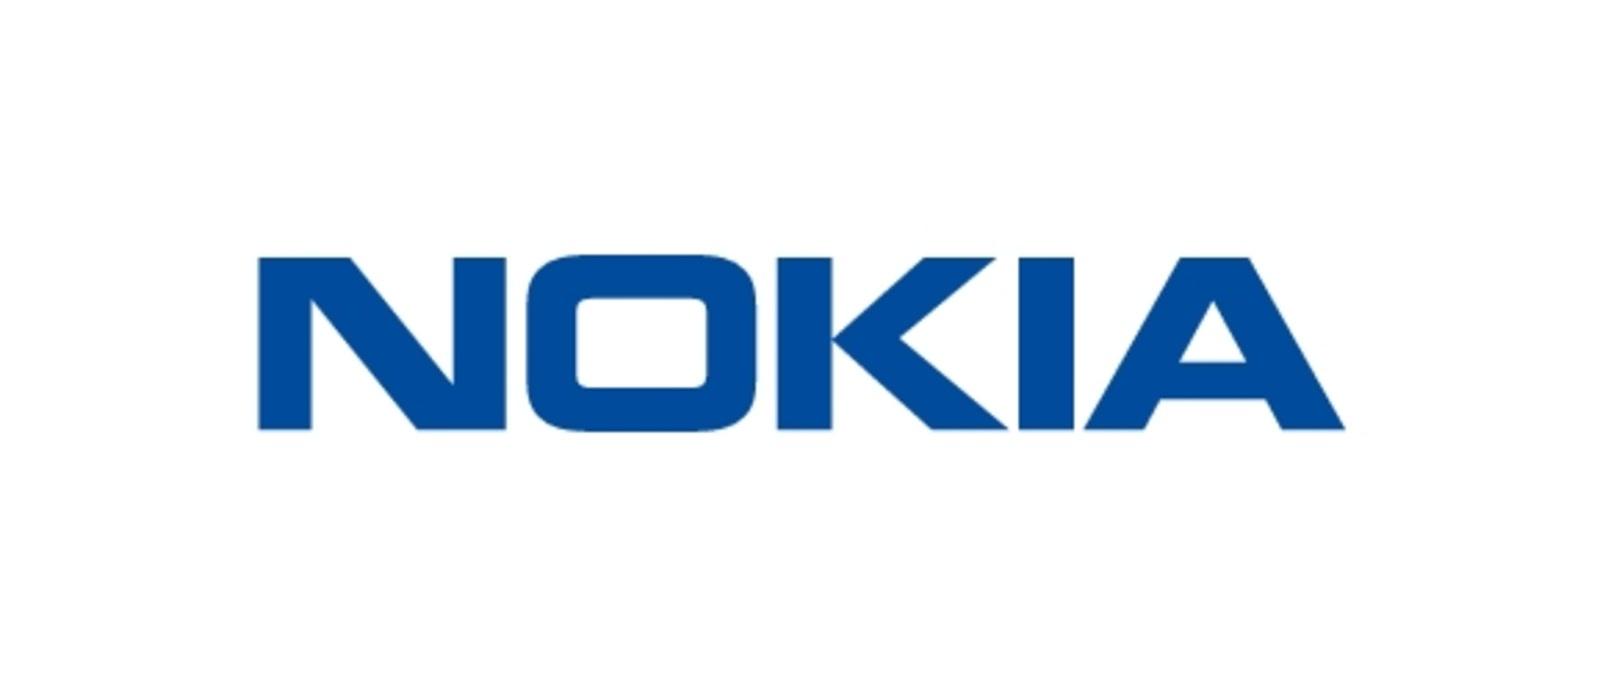 Nokia 5G - WBE Partnerships